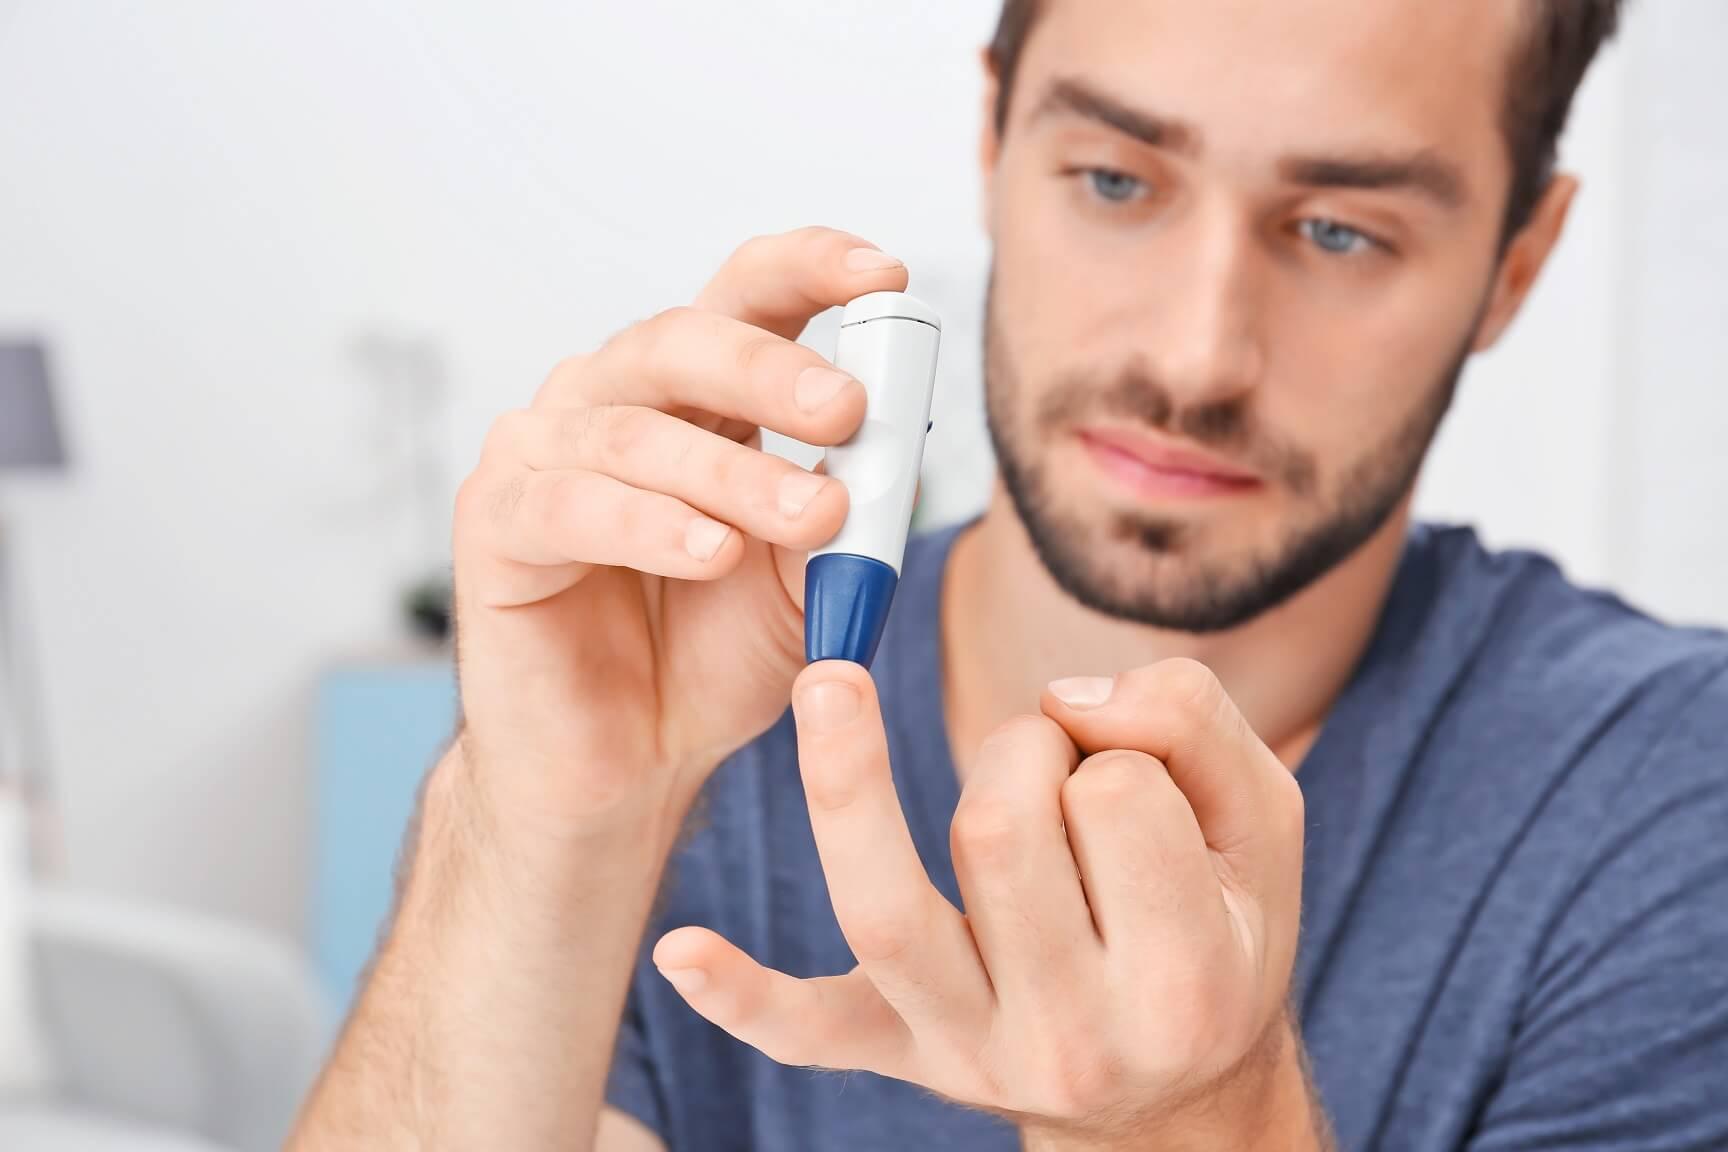 Cukrovka: Príznaky, príčiny, liečba a prevencia cukrovky